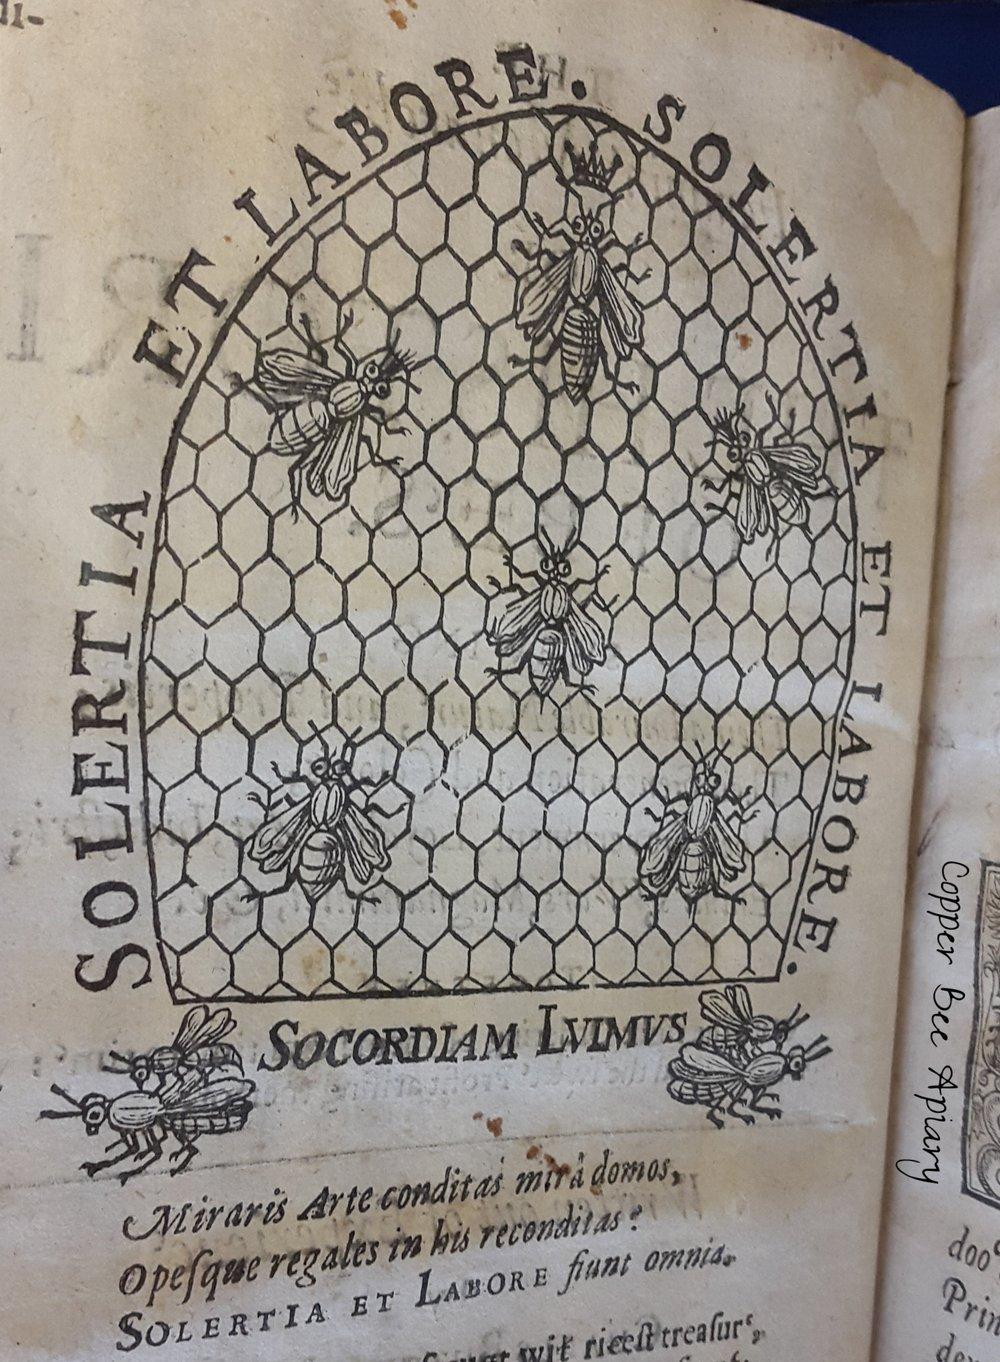 Solertia et Labore: Skill and Labour